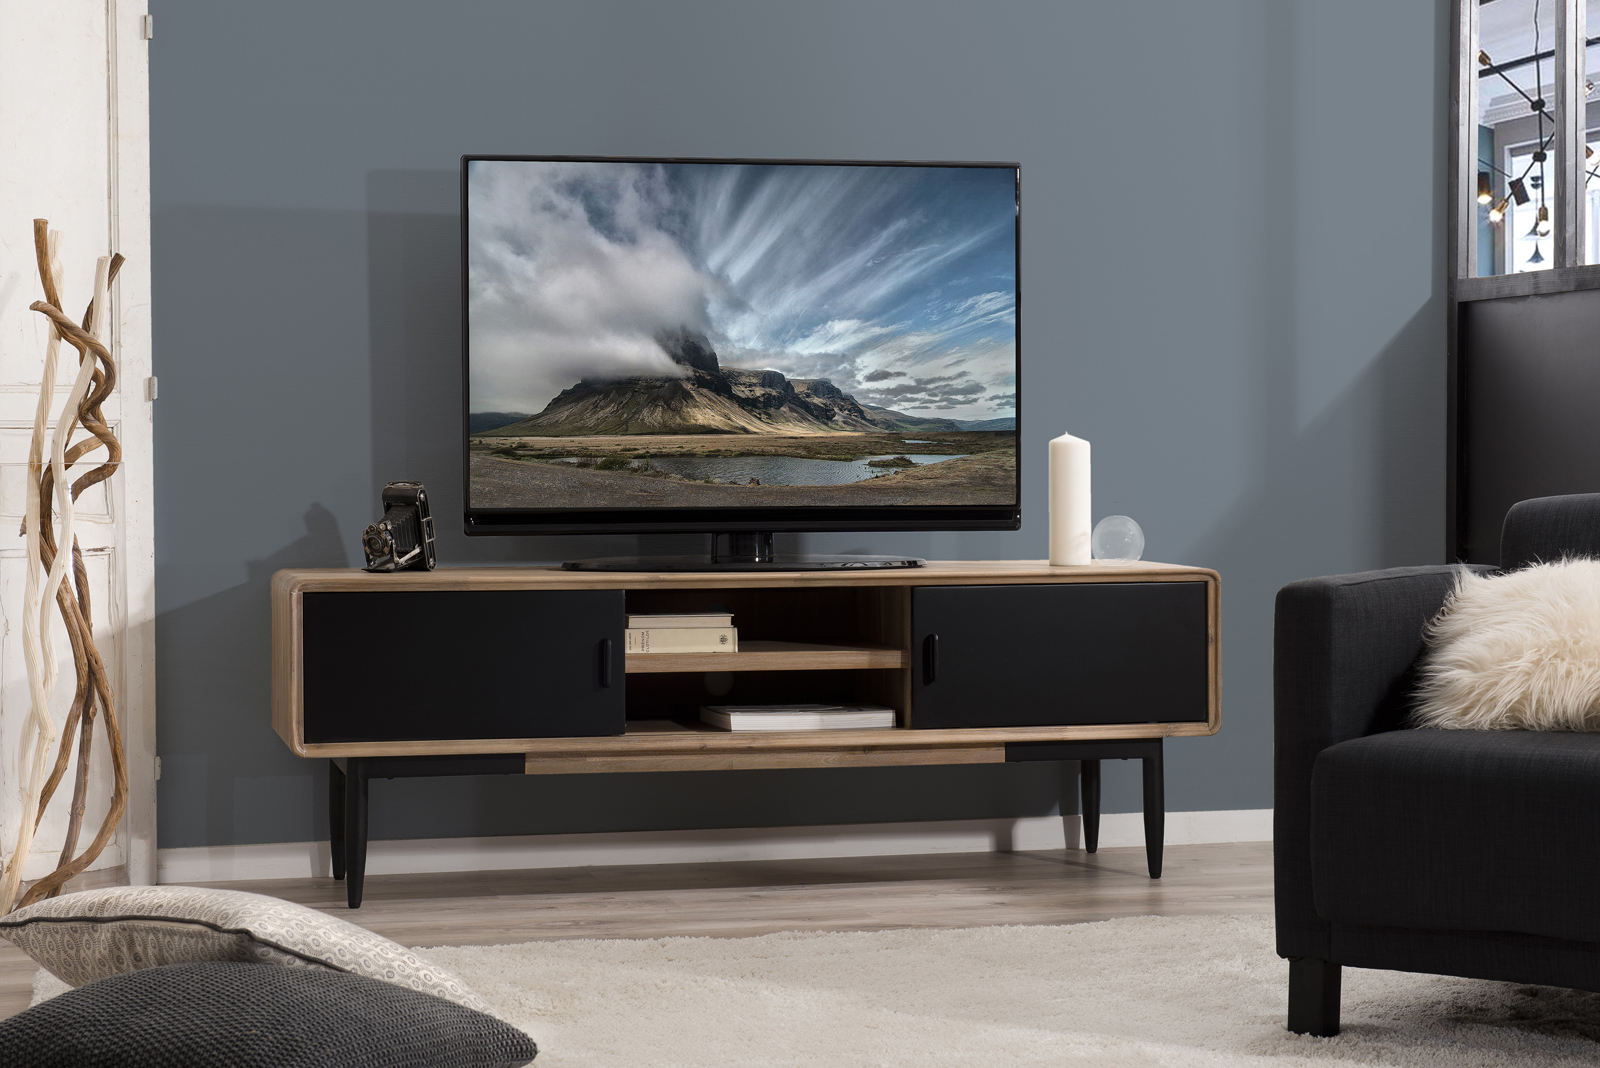 Meuble Tv En Acacia Massif Couleur Naturelle 2 Portes Coulissantes Noires 2 Niches Et Pieds Metal 165x45x55cm Palmeira